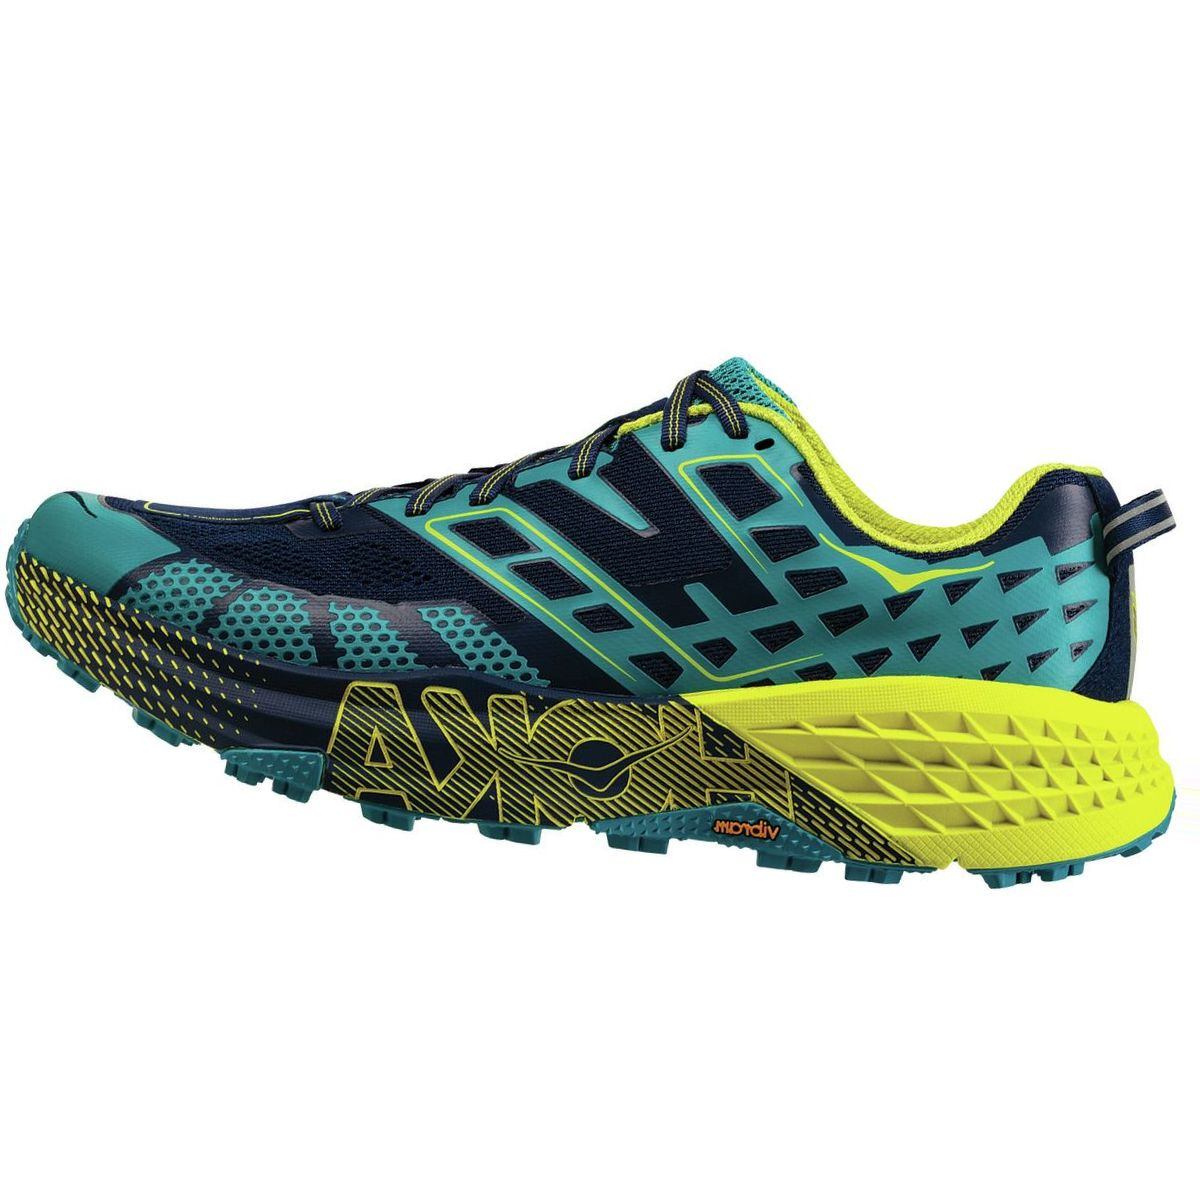 HOKA ONE ONE Speedgoat 2 Running Shoe - Men's